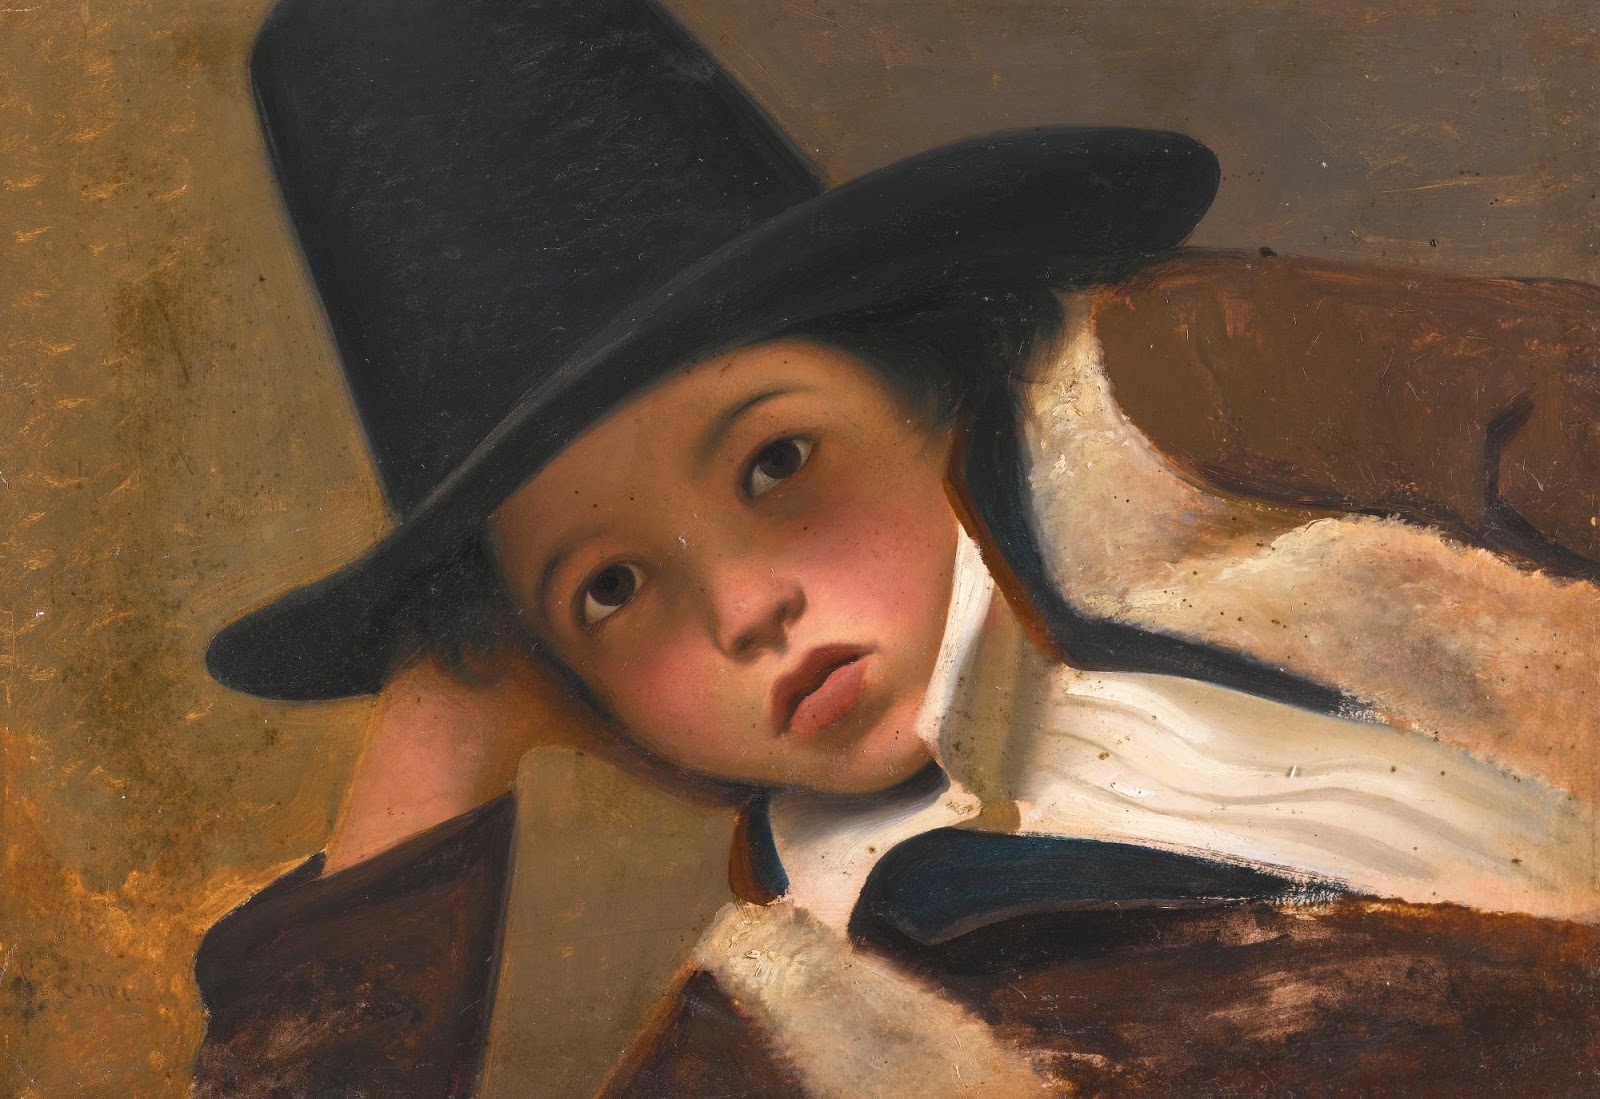 Pinturas de Gaetano Chierici